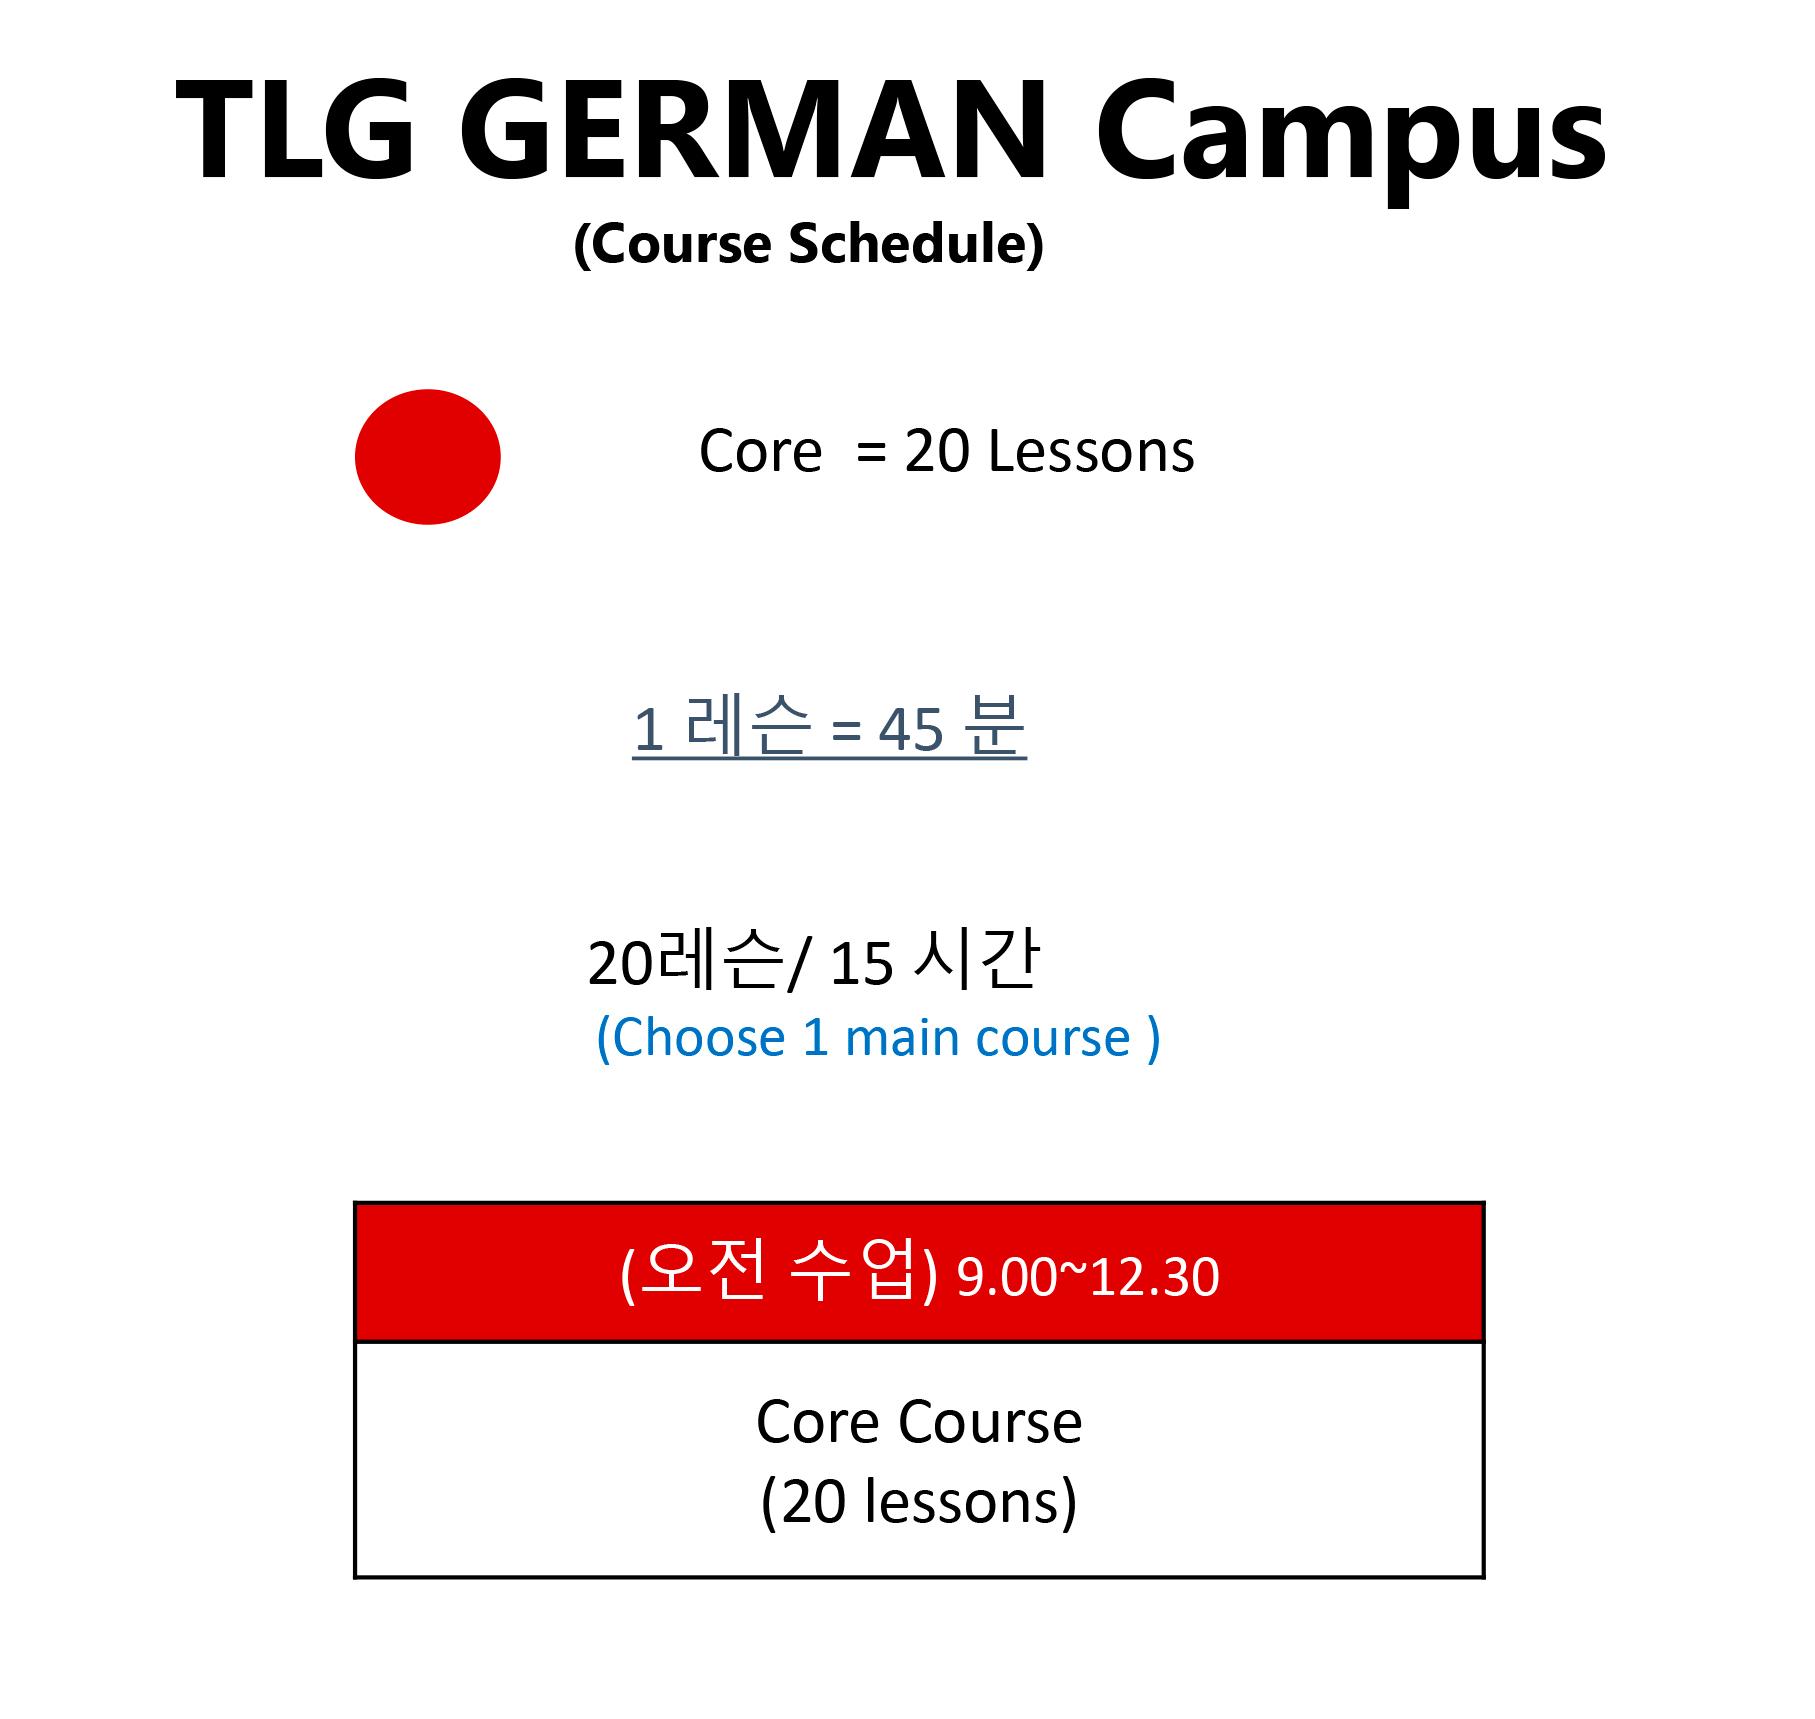 TLG-독일-어학연수-및-대학-진학반_유학원-설명용-(3)-6.png